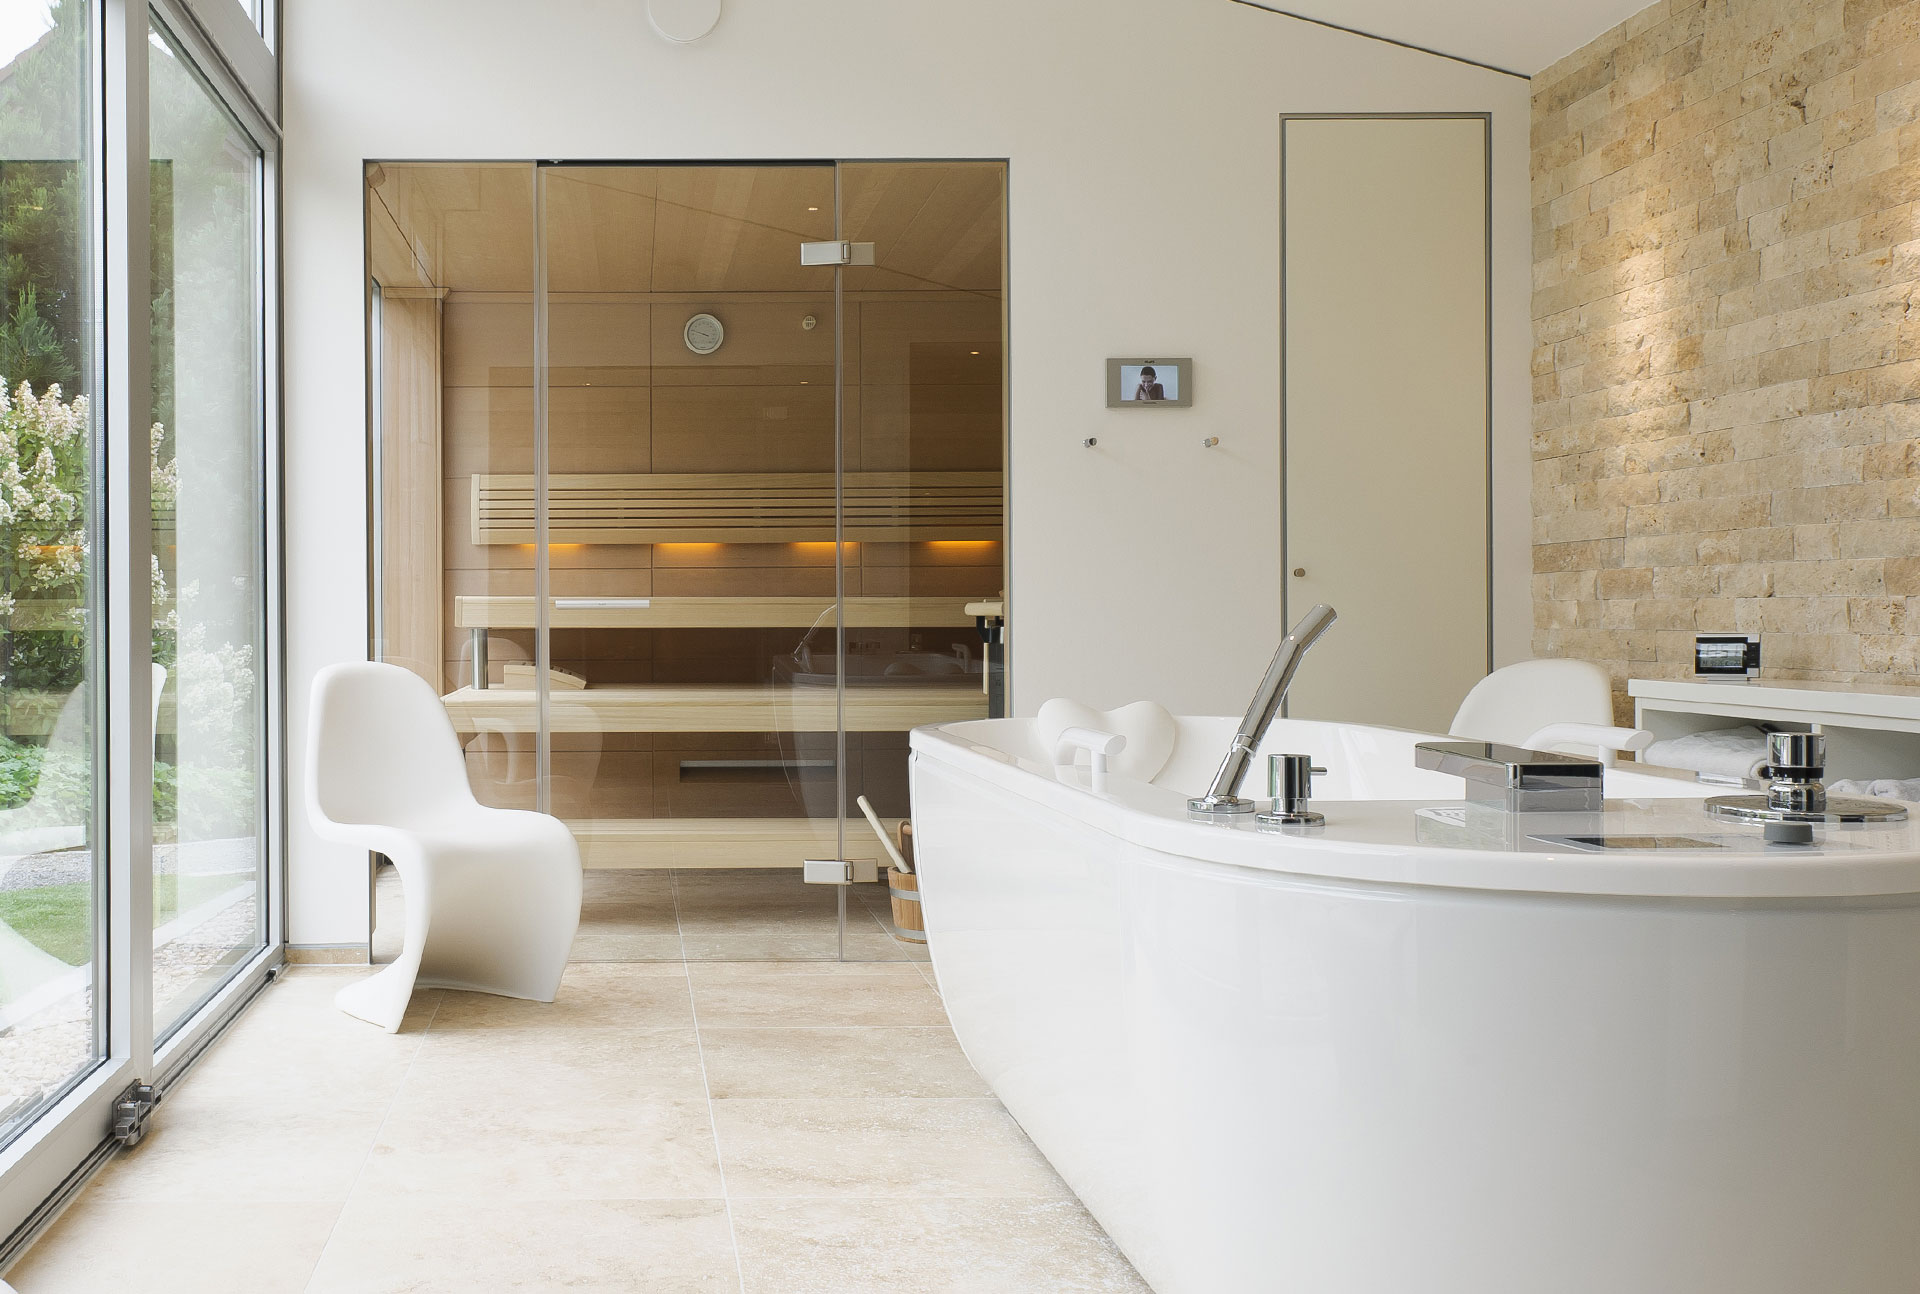 Innenarchitektur-Exlusiver Saunabereich